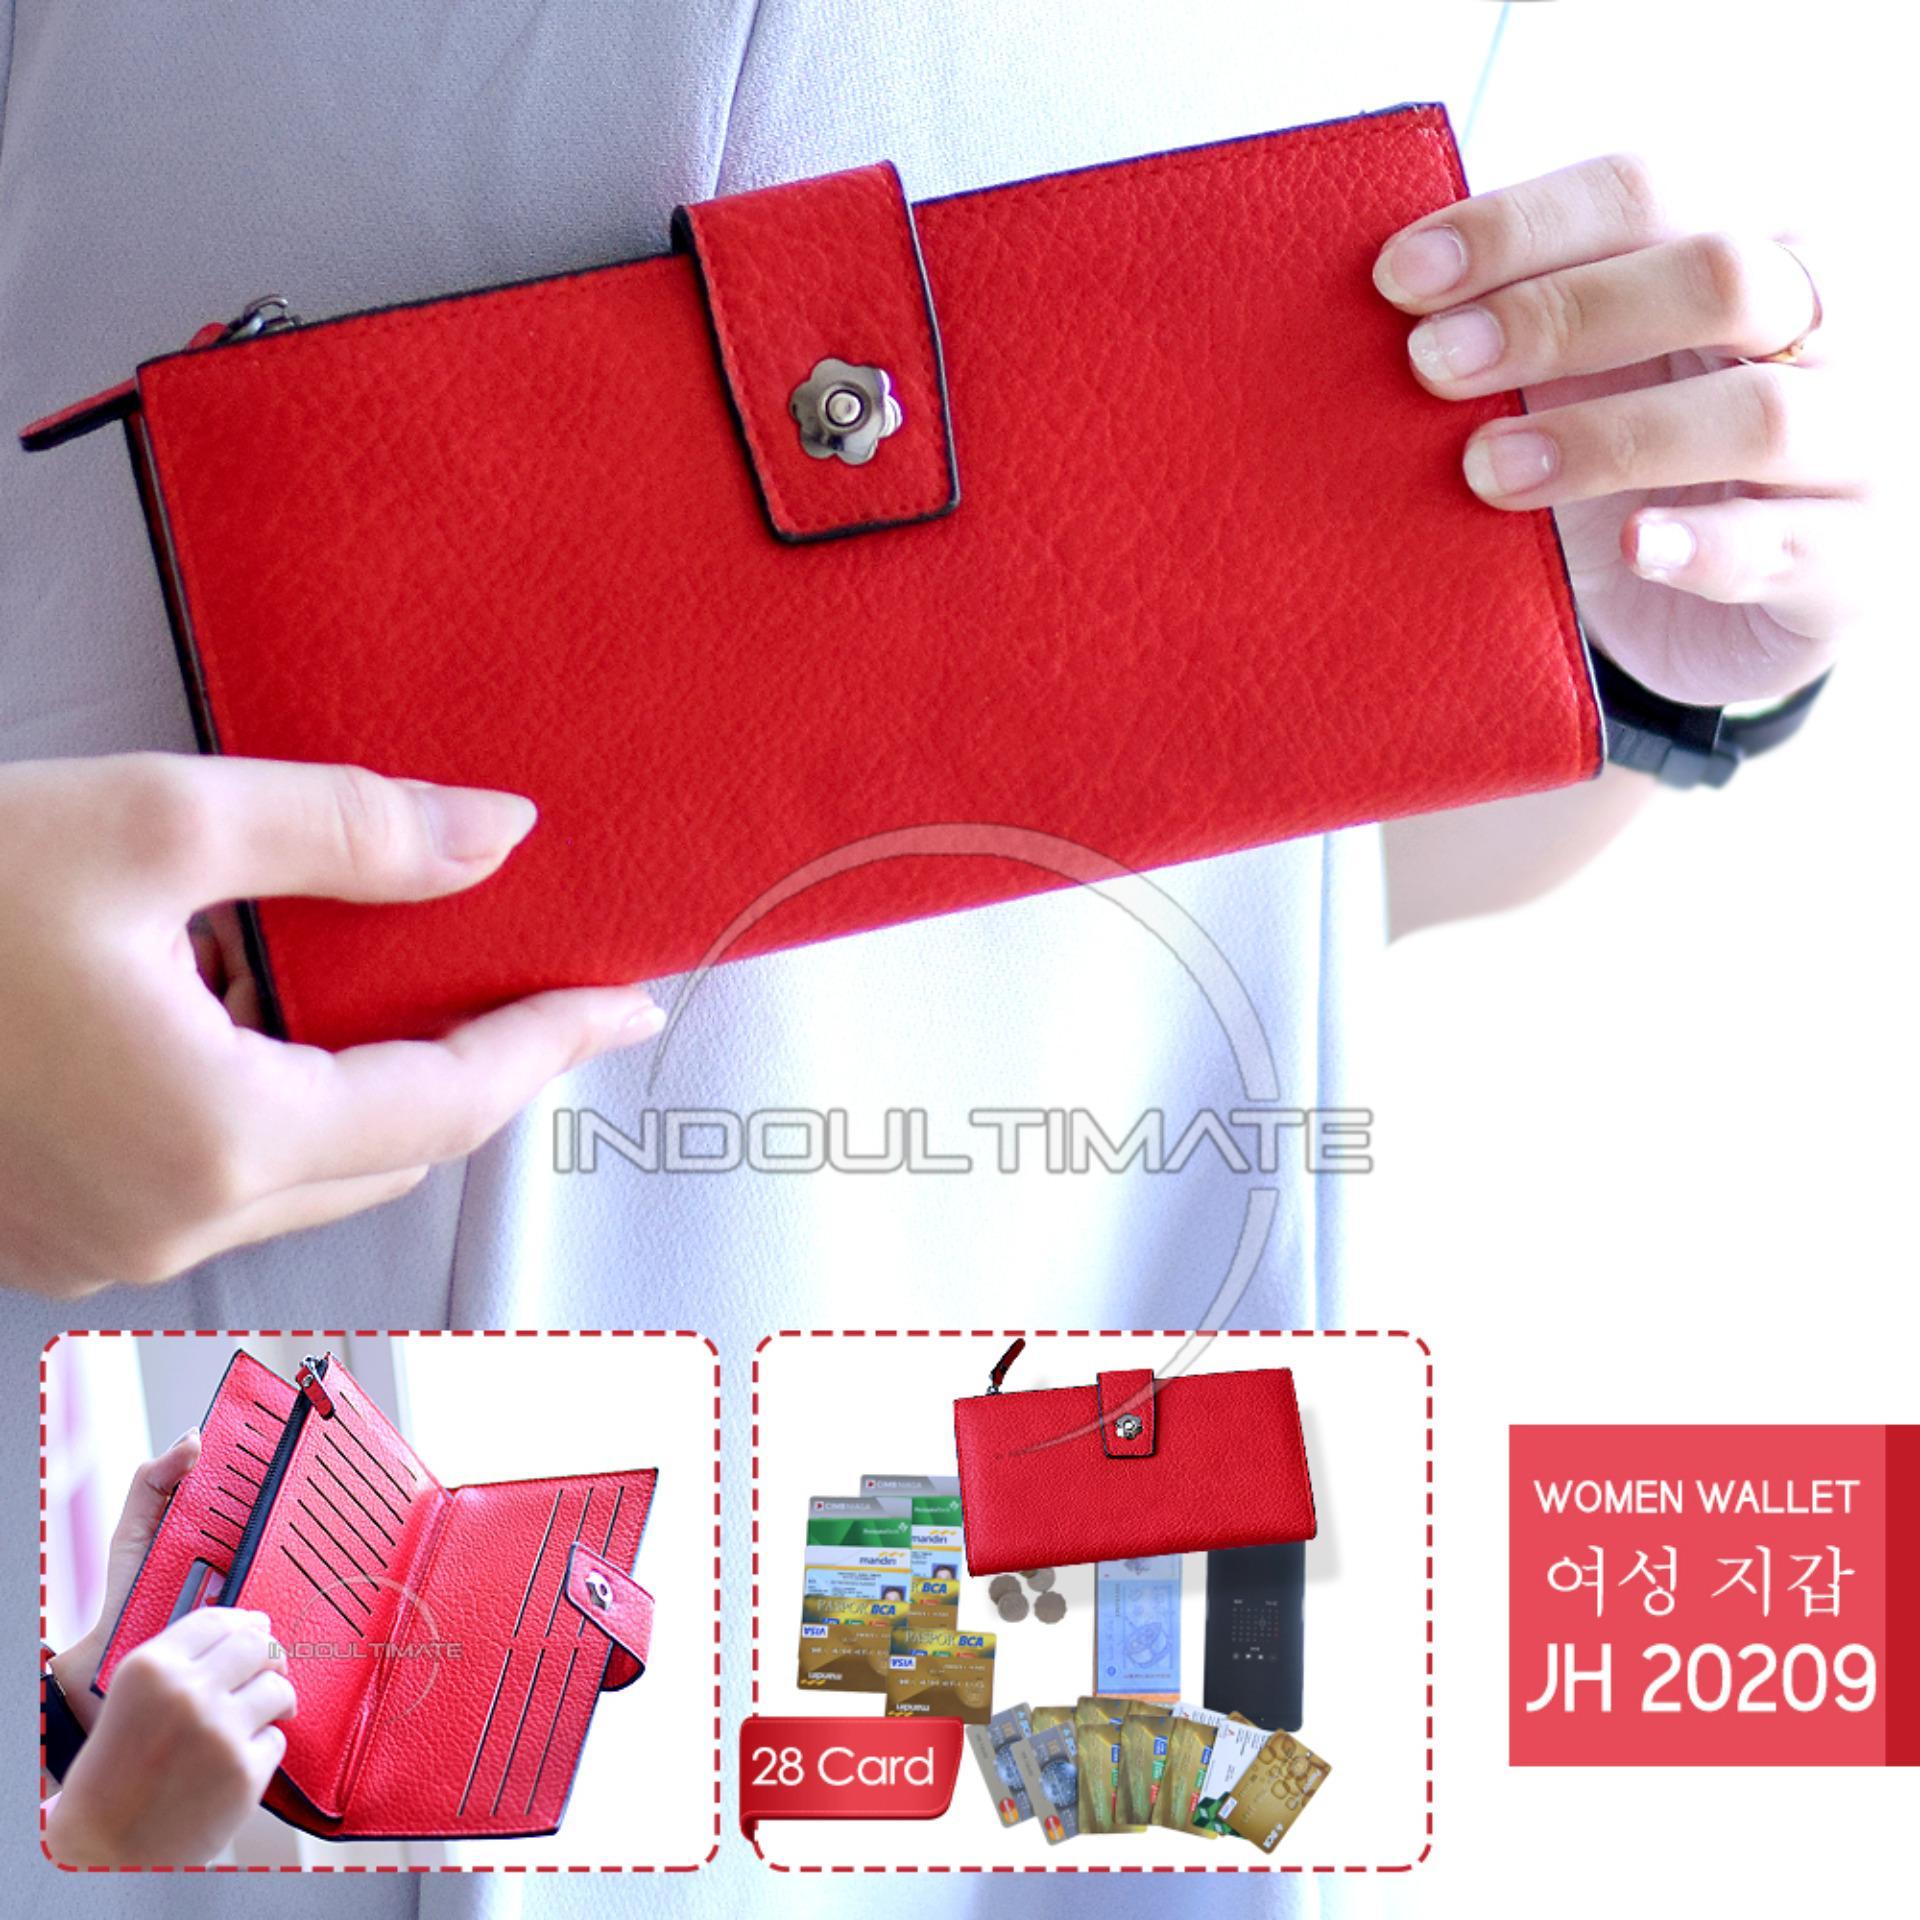 ... CARD HOLDER 24 SLOT KANCING. Source · Ultimate Dompet Wanita JH-20209 - Red / Dompet Cewek / Cewe Kartu ATM Panjang